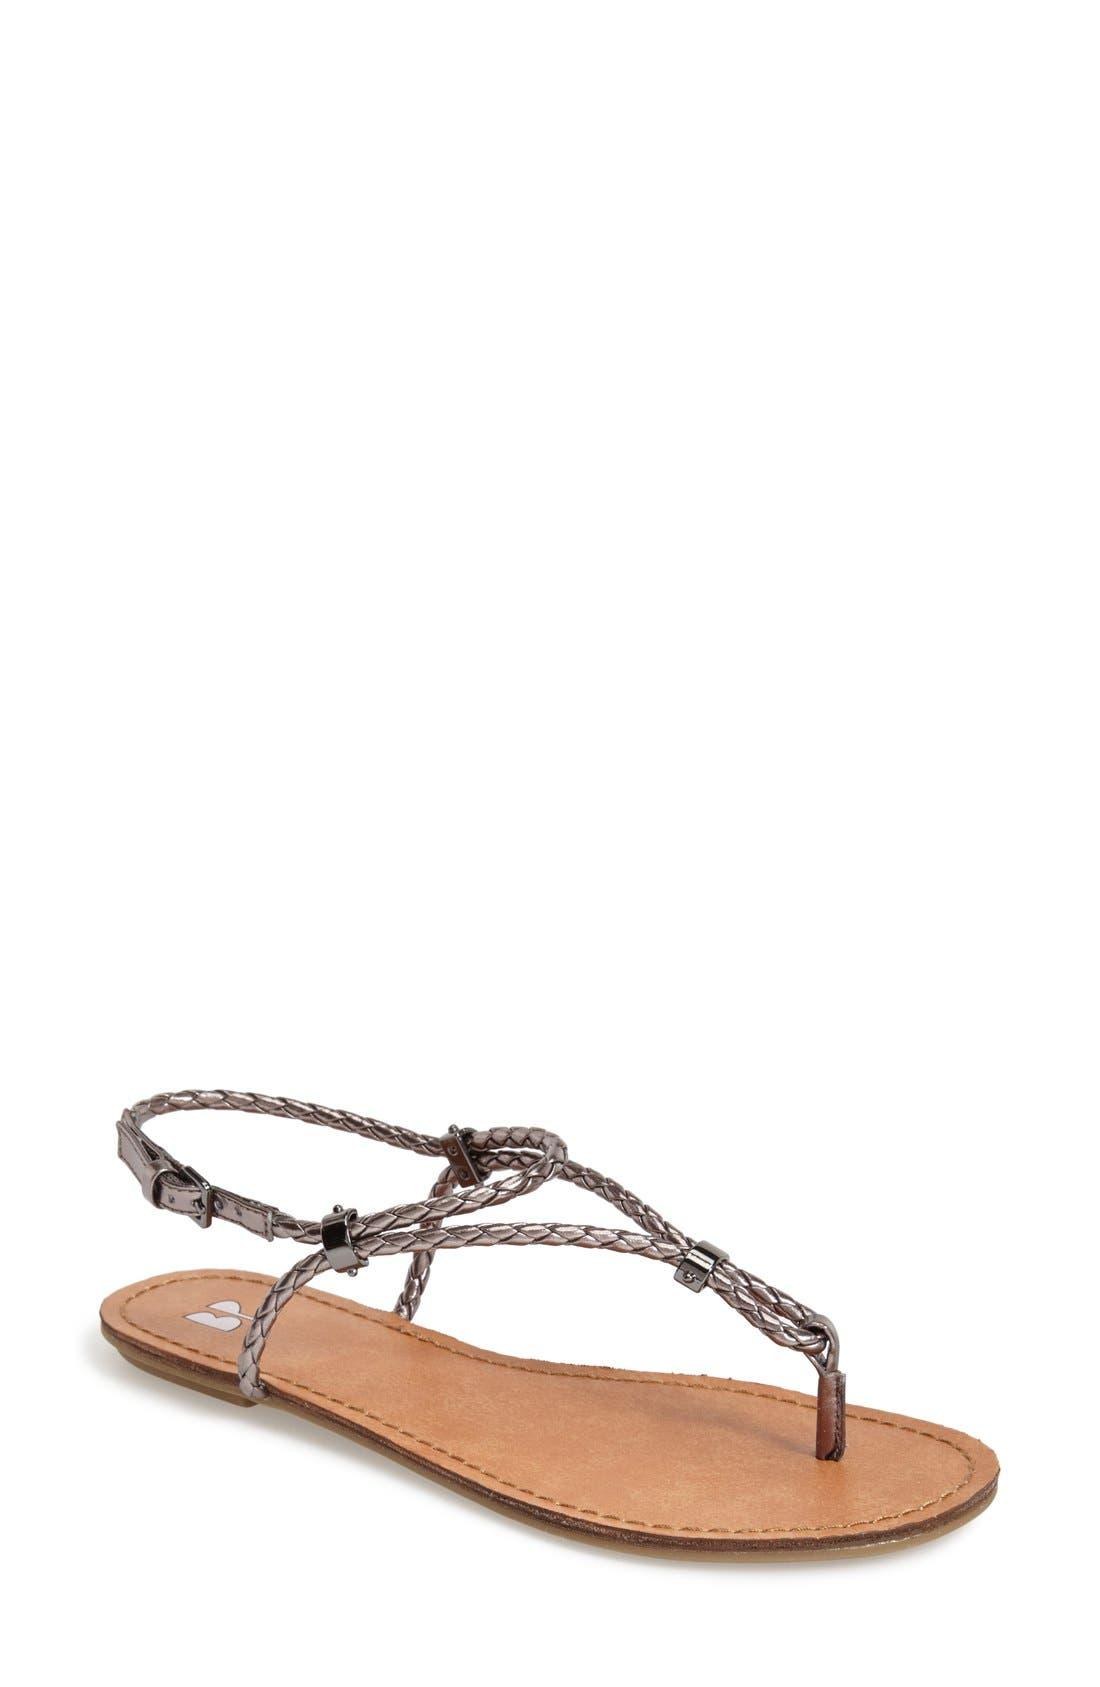 Main Image - BP. 'Mantra' Flat Thong Sandal (Women)